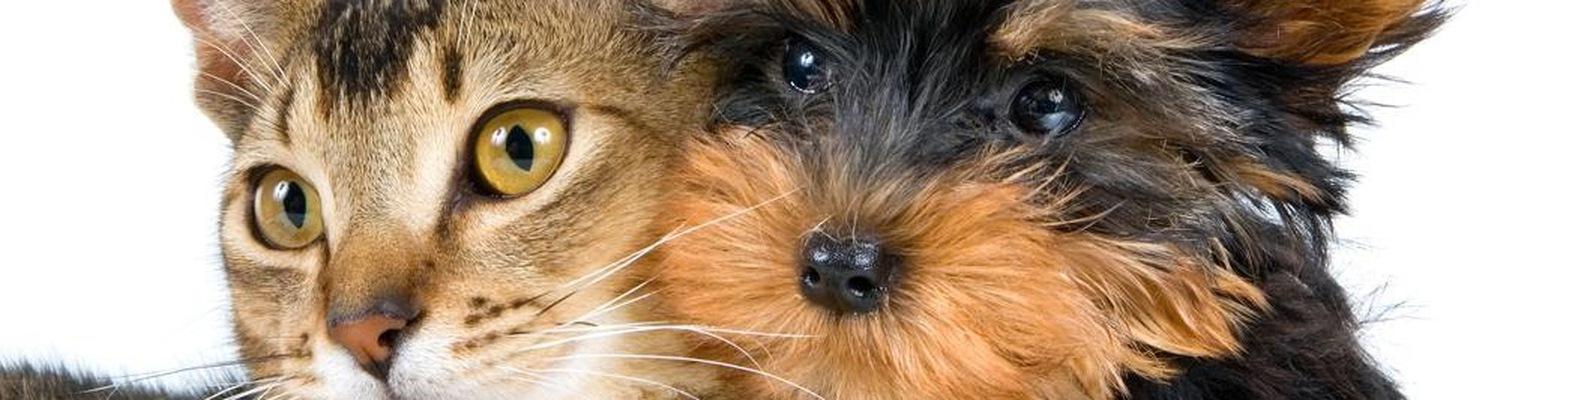 Стрижка собак и кошек Сызрань | ВКонтакте